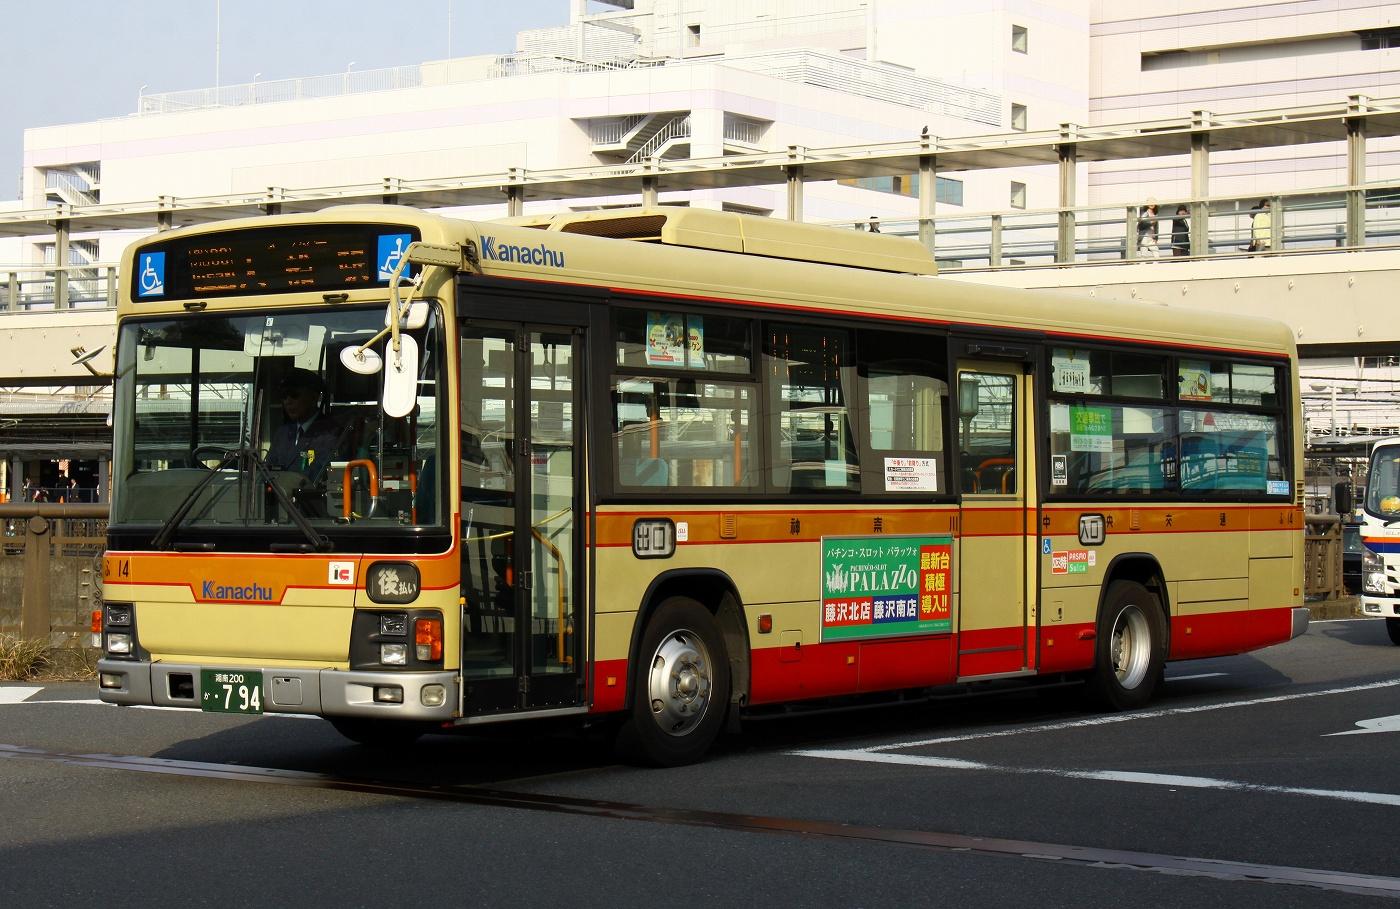 神奈川中央交通 - バスの館